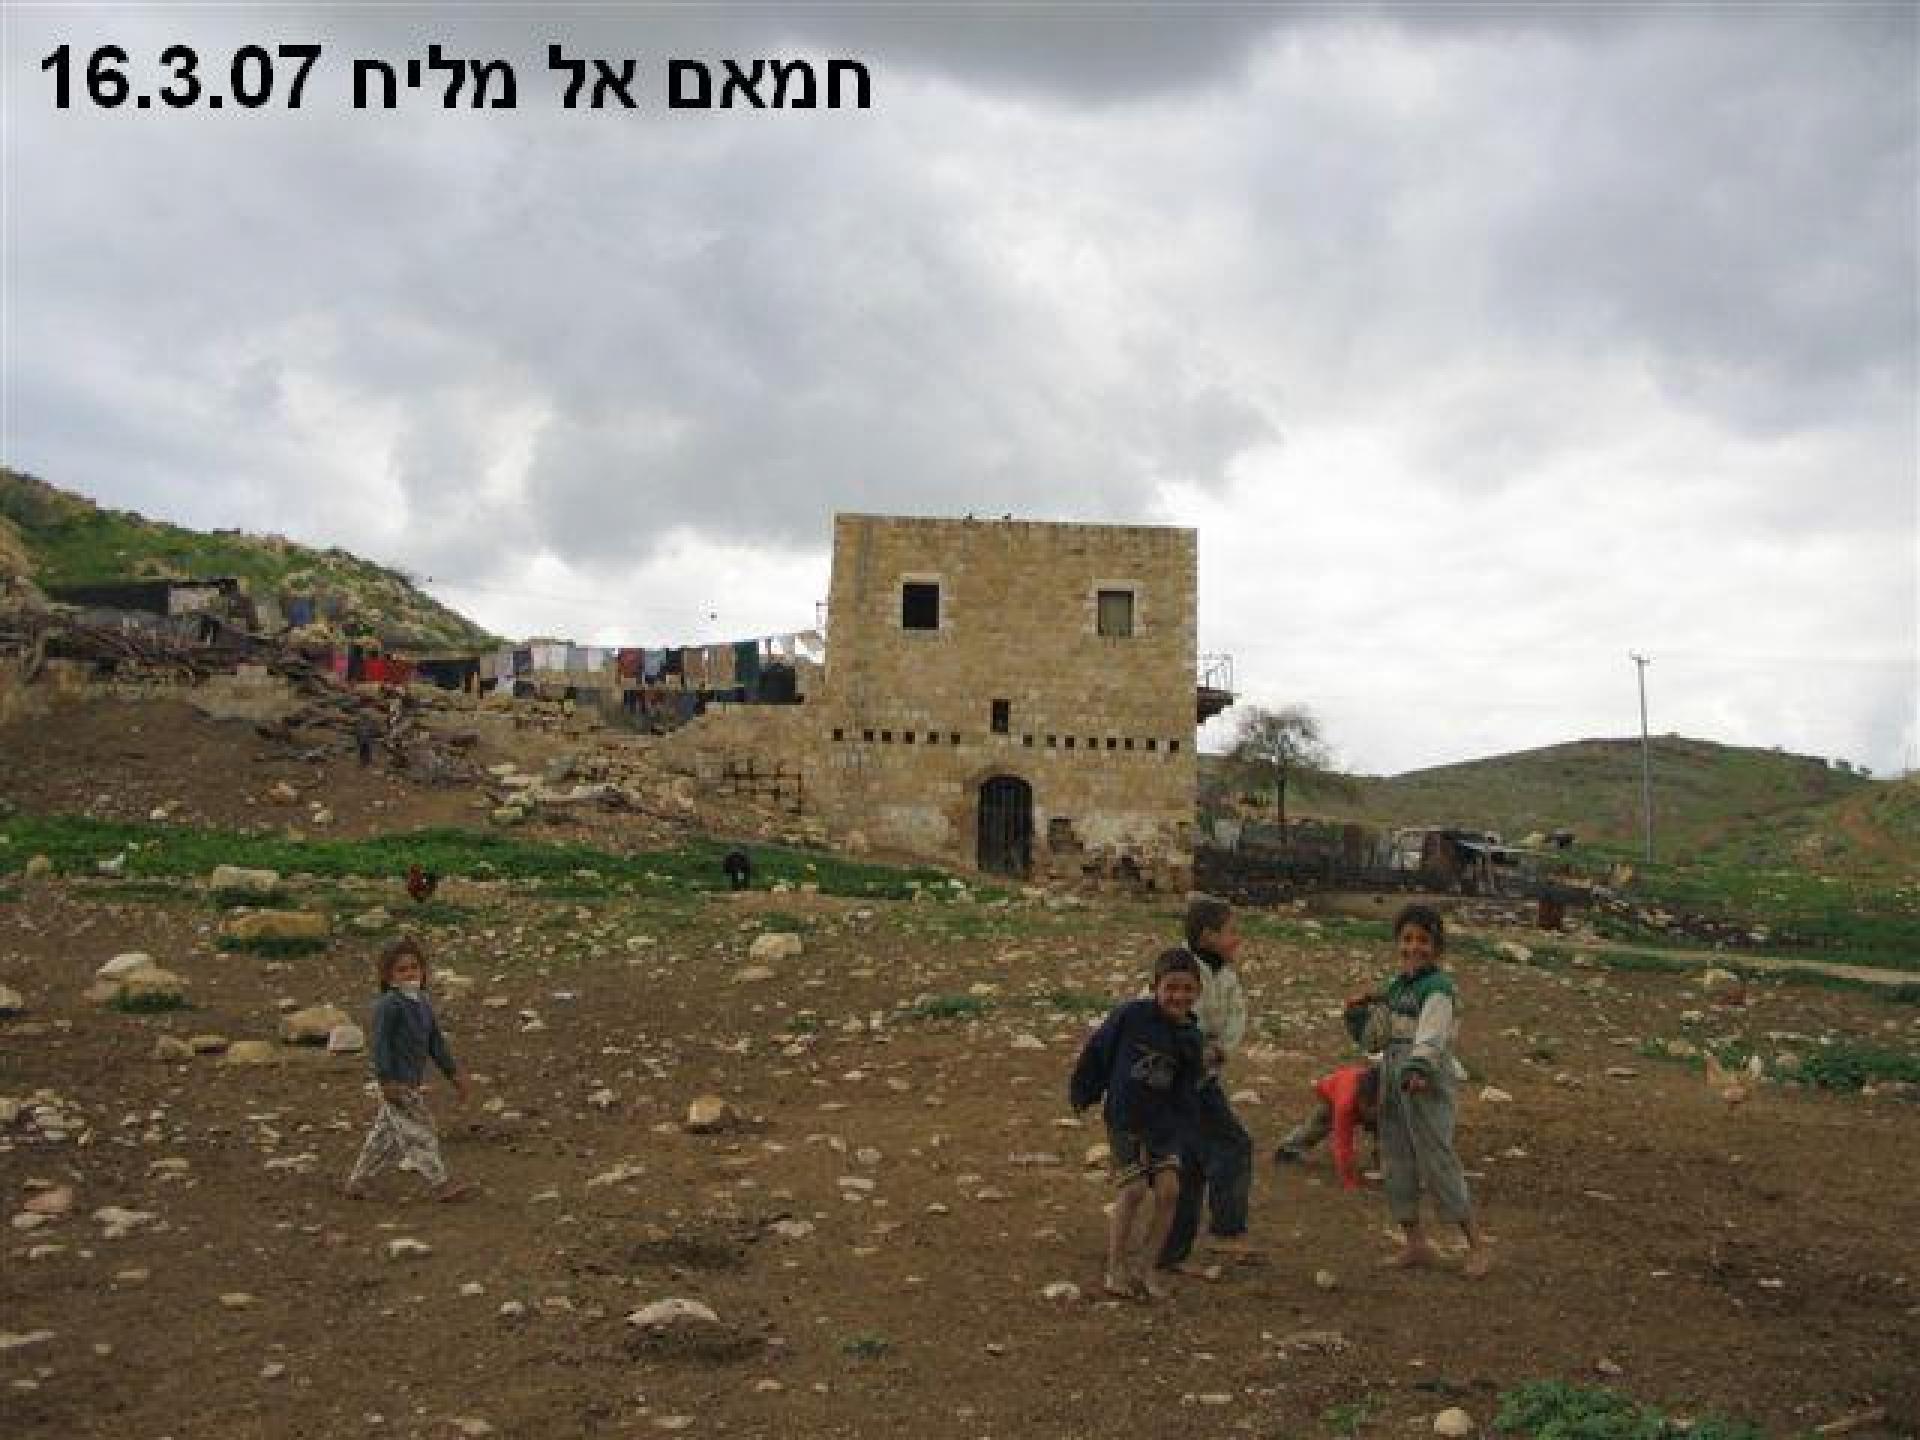 Hammam al Maleh 16.03.07